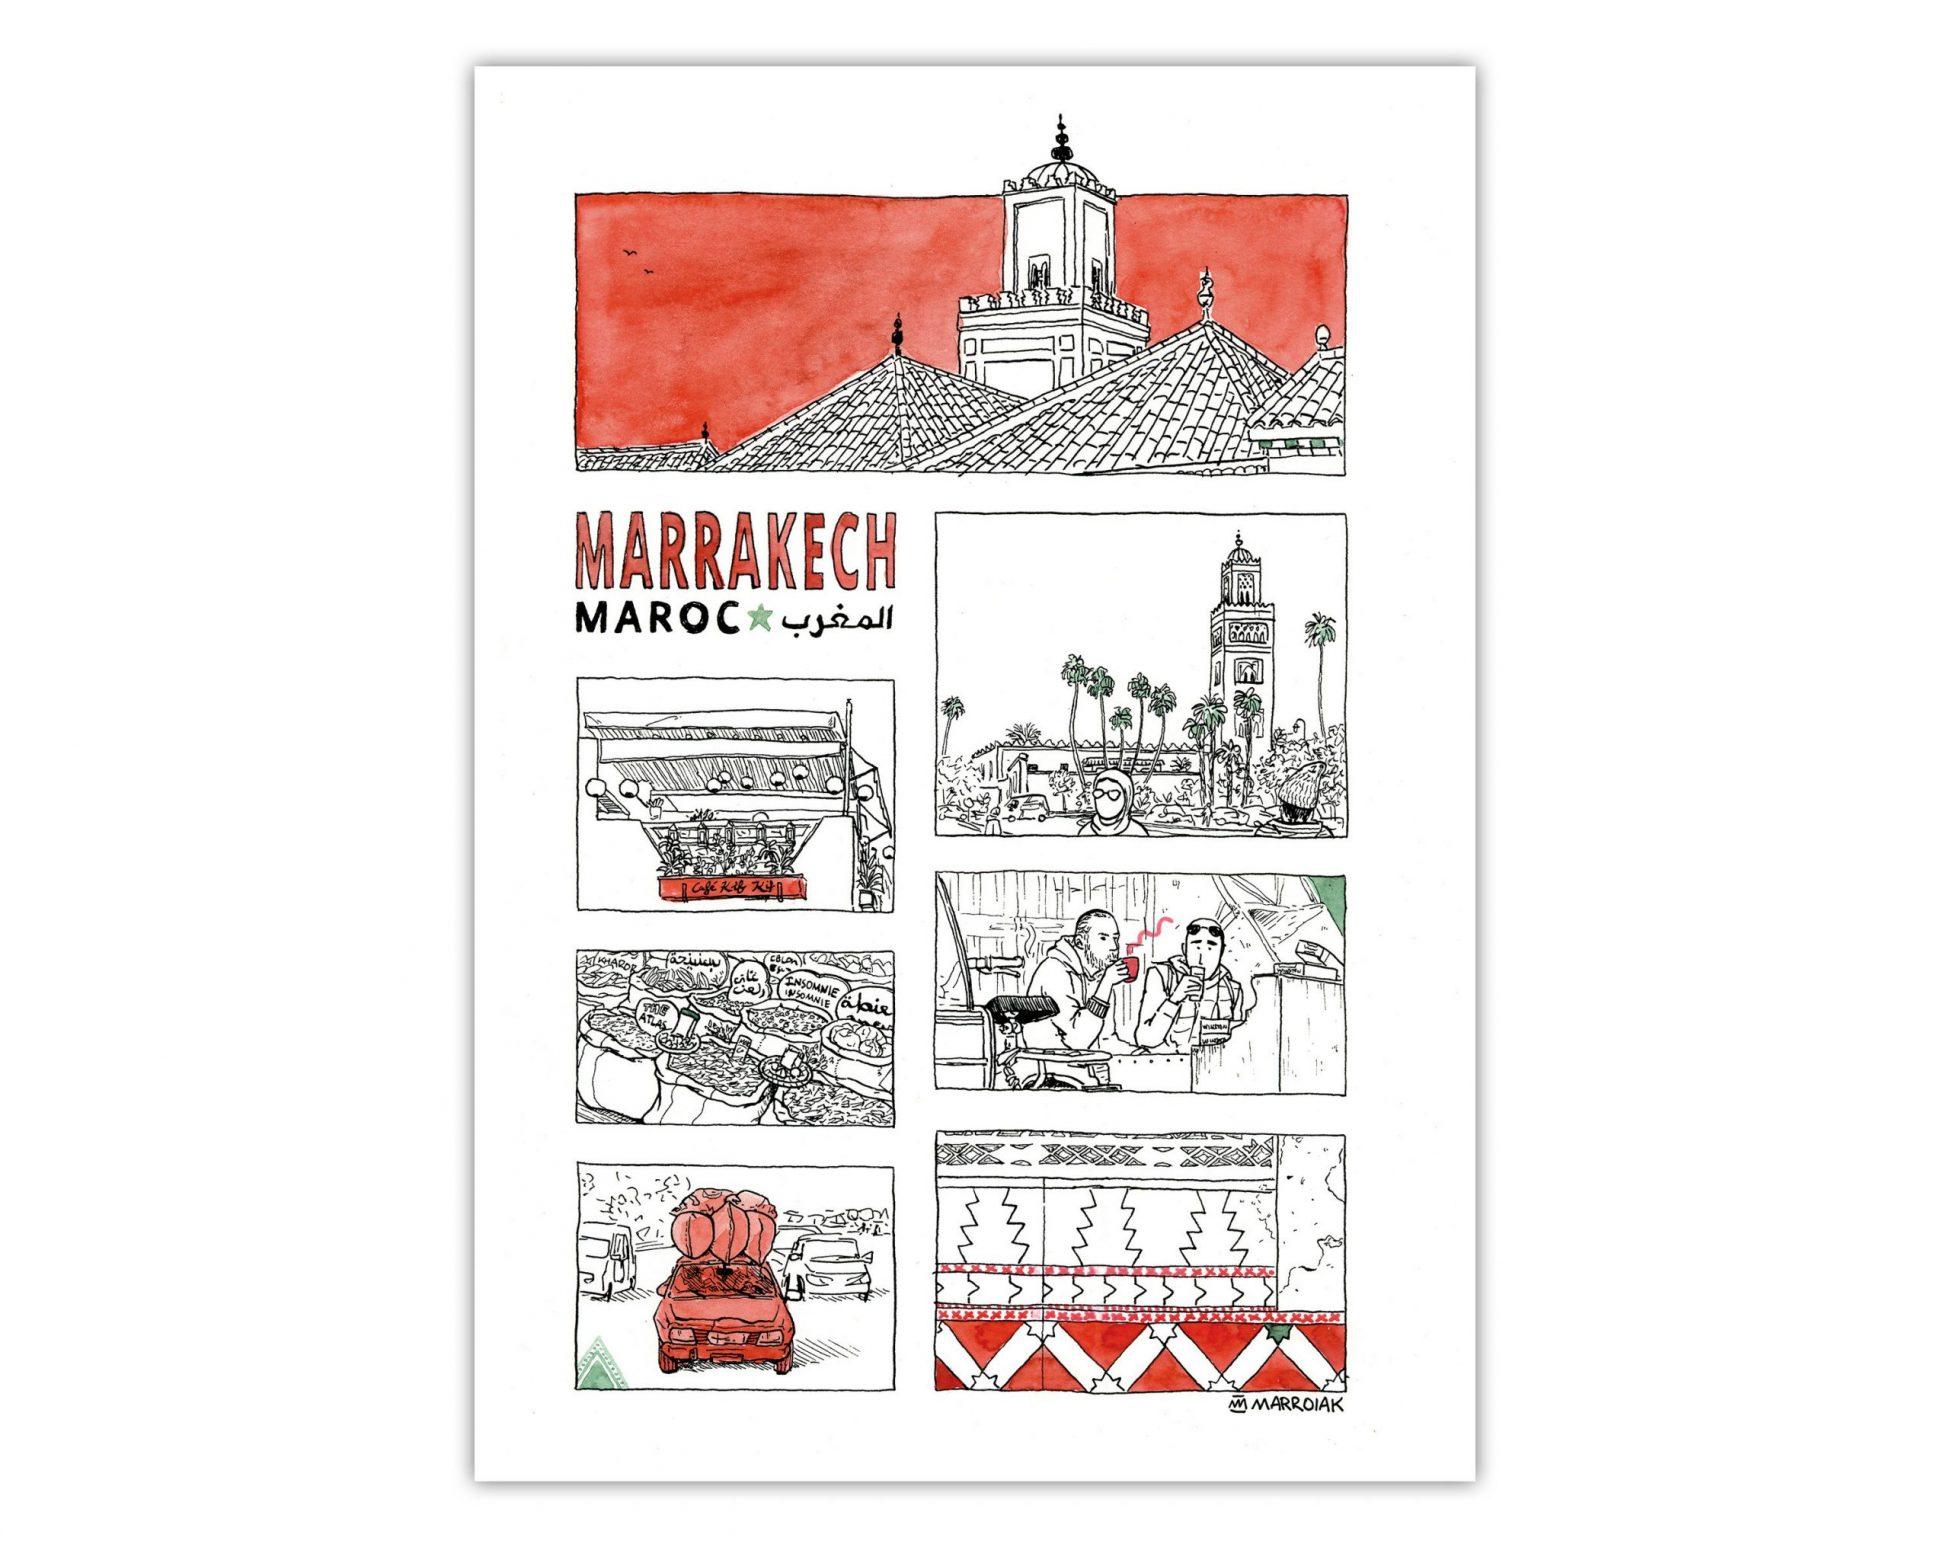 Dibujo estilo cómic de la ciudad de Marrakech, Marruecos. Ilustración en blanco, negro y rojo. Tinta y acuarela sobre papel. Medina